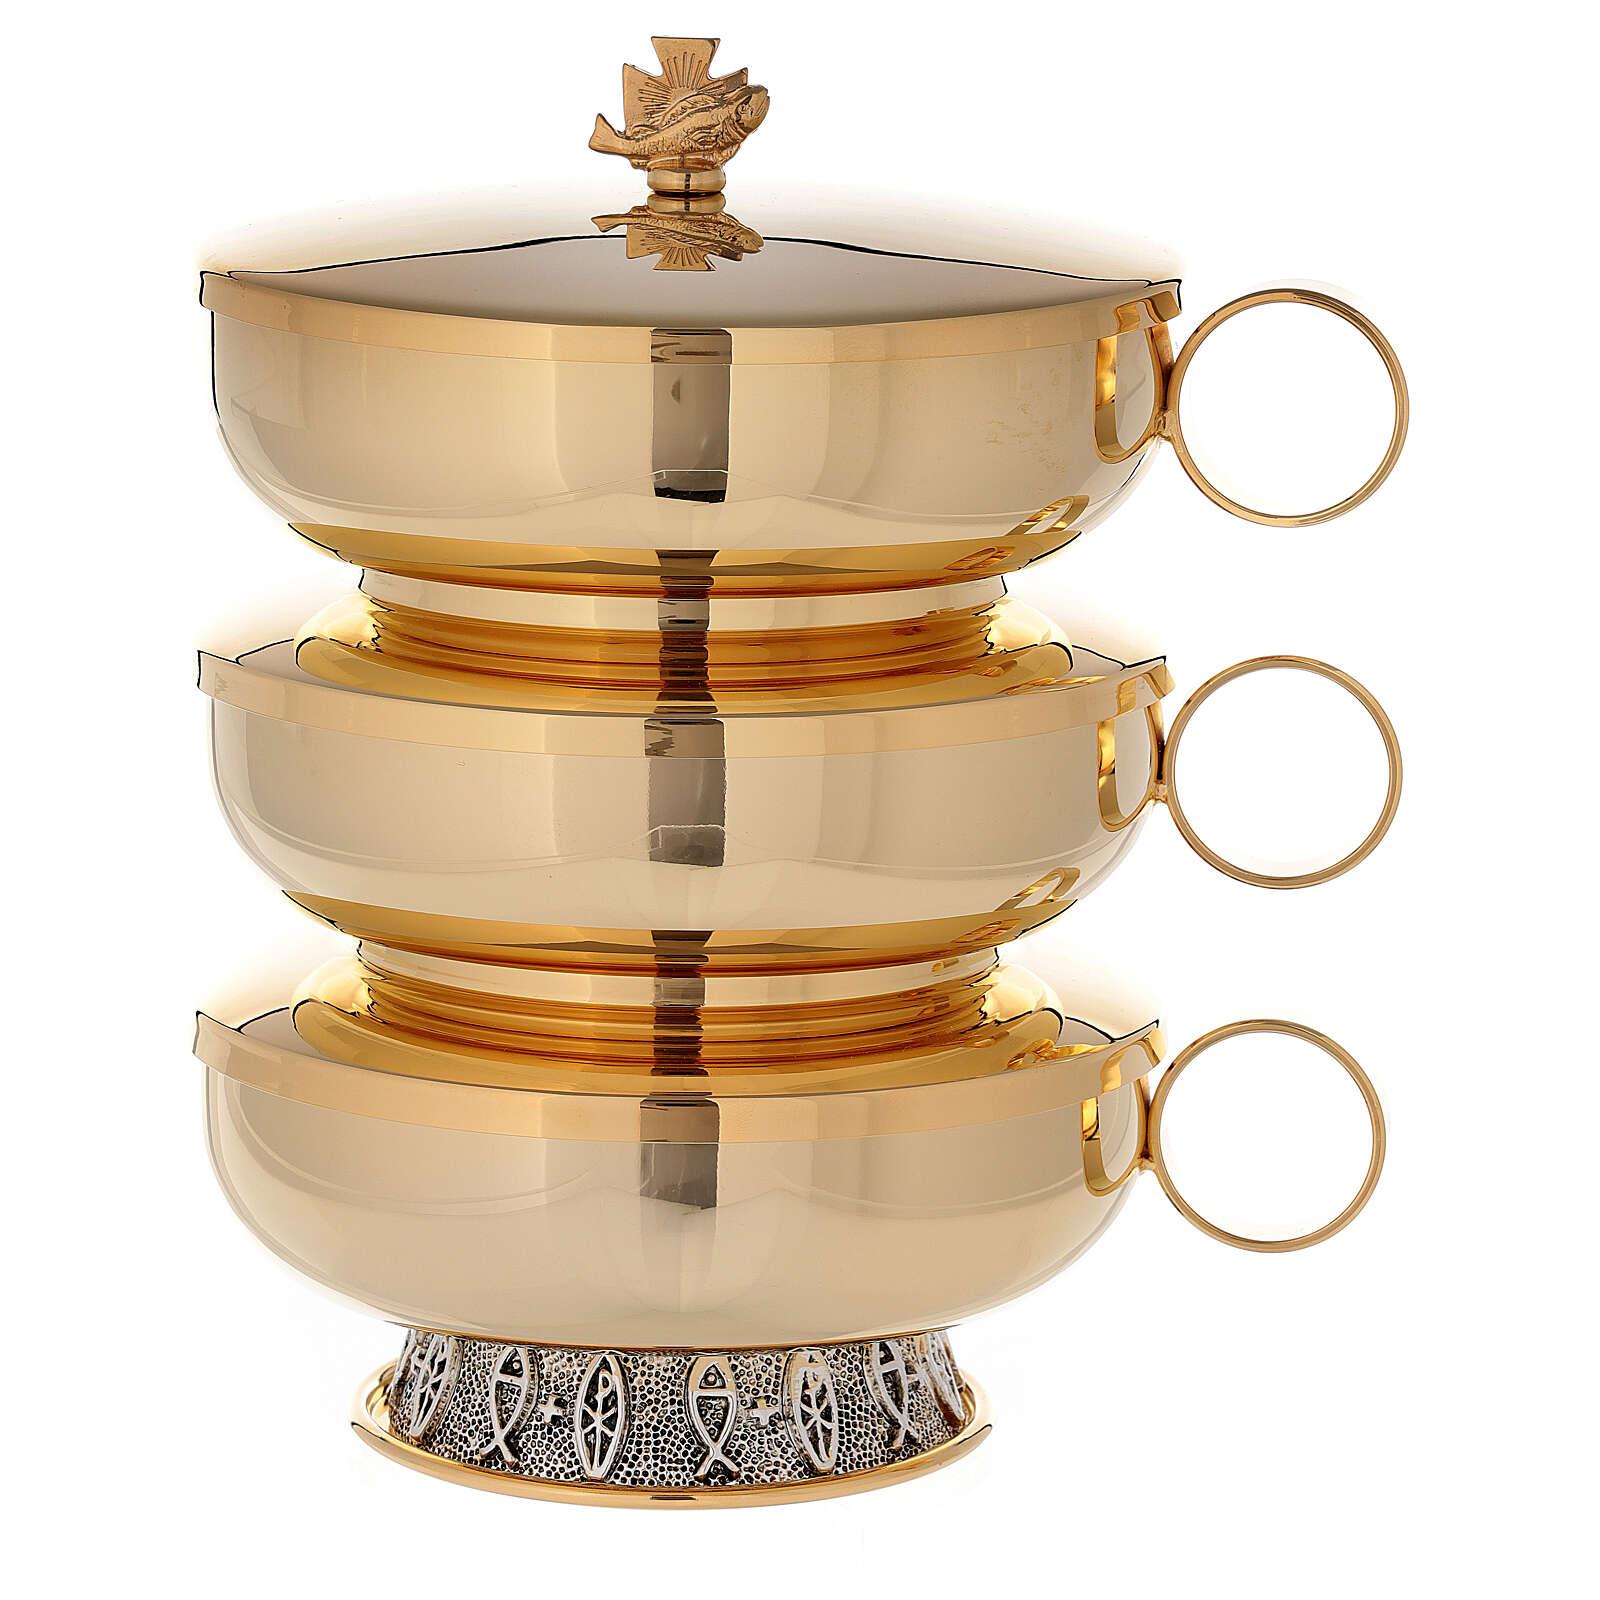 Stacking ciboria set in 24-karat gold plated brass fish pattern base 4